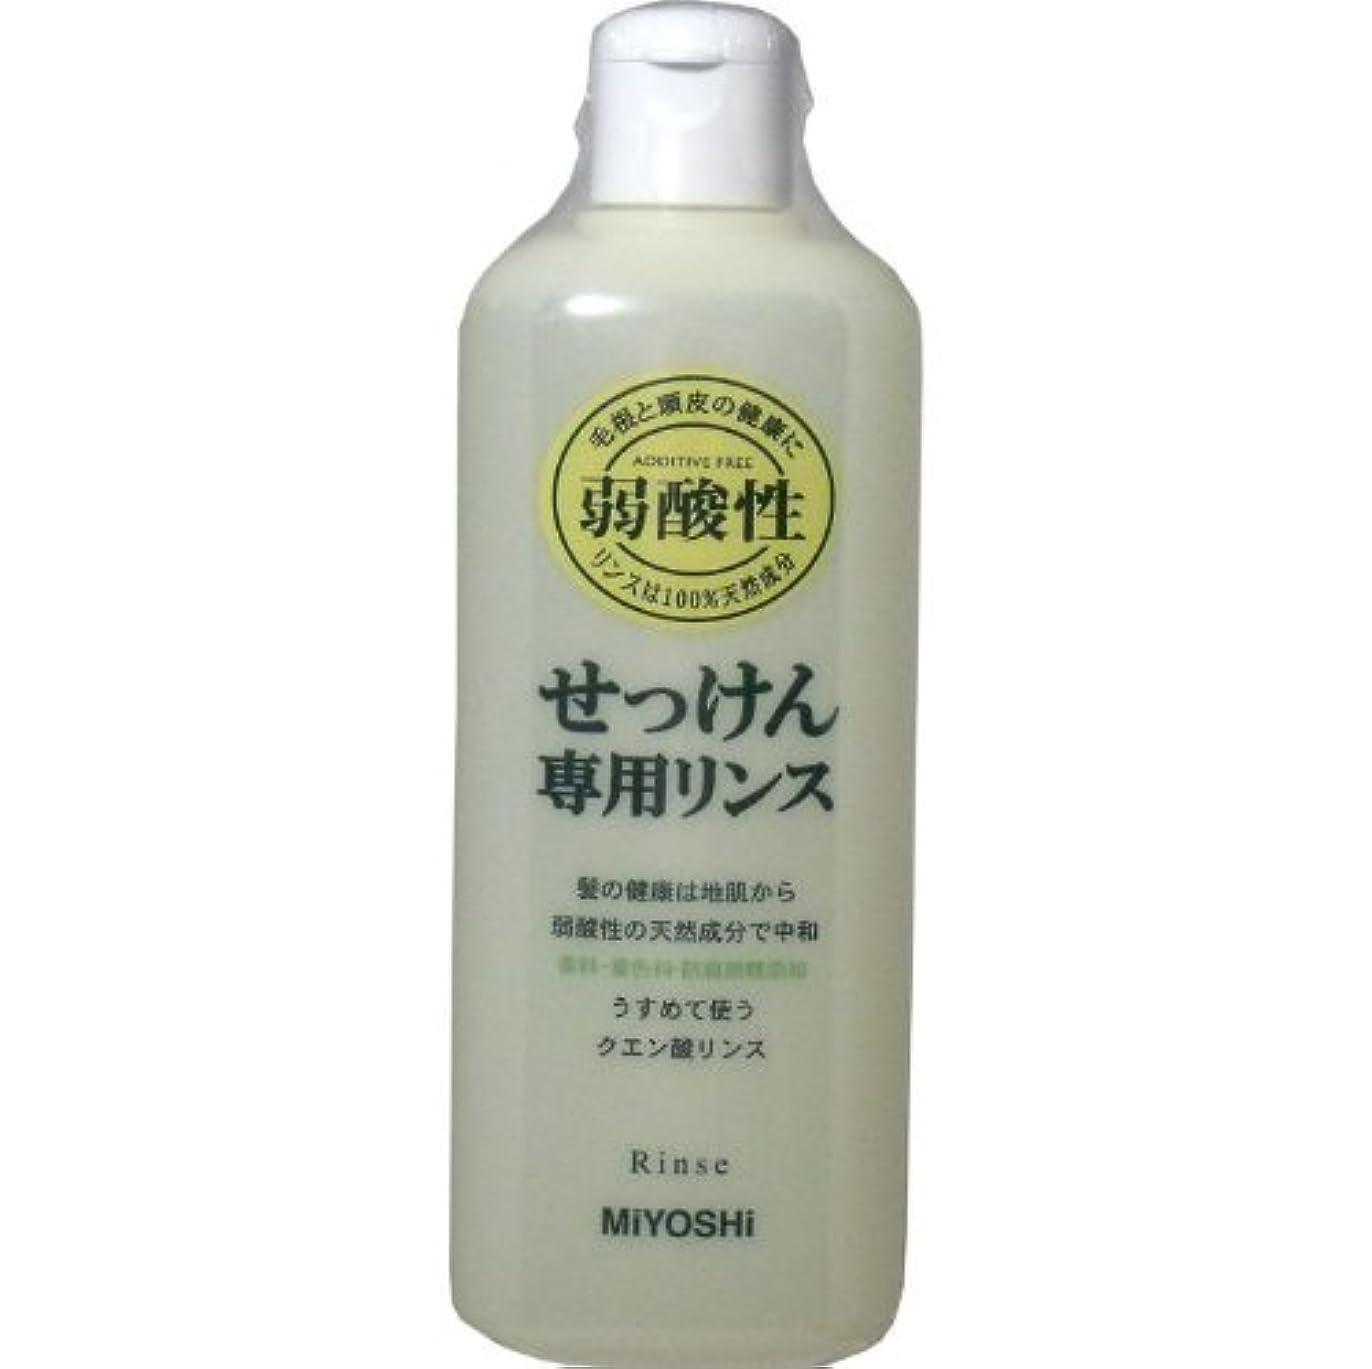 ぬるいジーンズ意図的髪の健康は地肌から、弱酸性の天然成分で中和!!香料、防腐剤、着色料無添加!うすめて使うクエン酸リンス!リンス 350mL